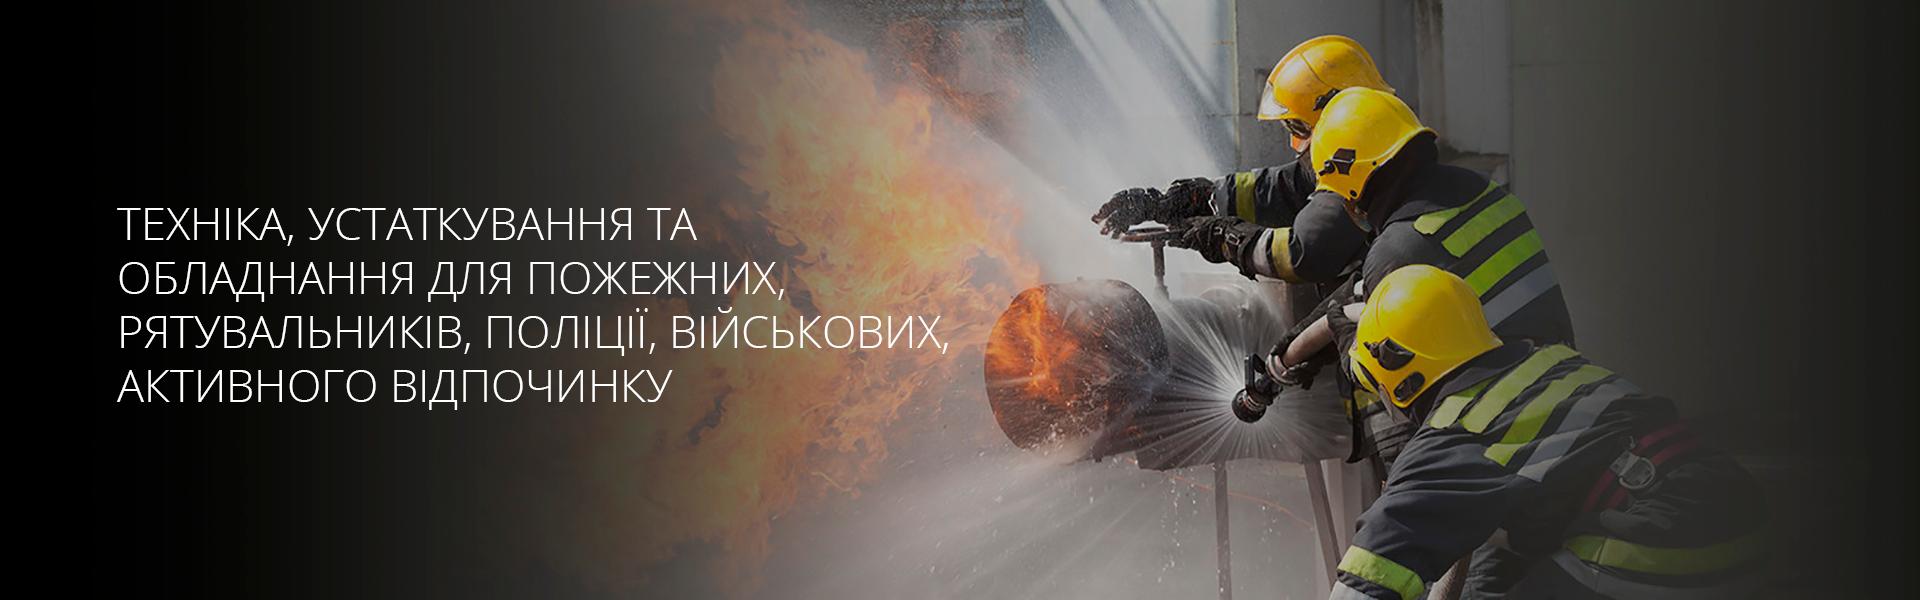 Техніка для пожежних